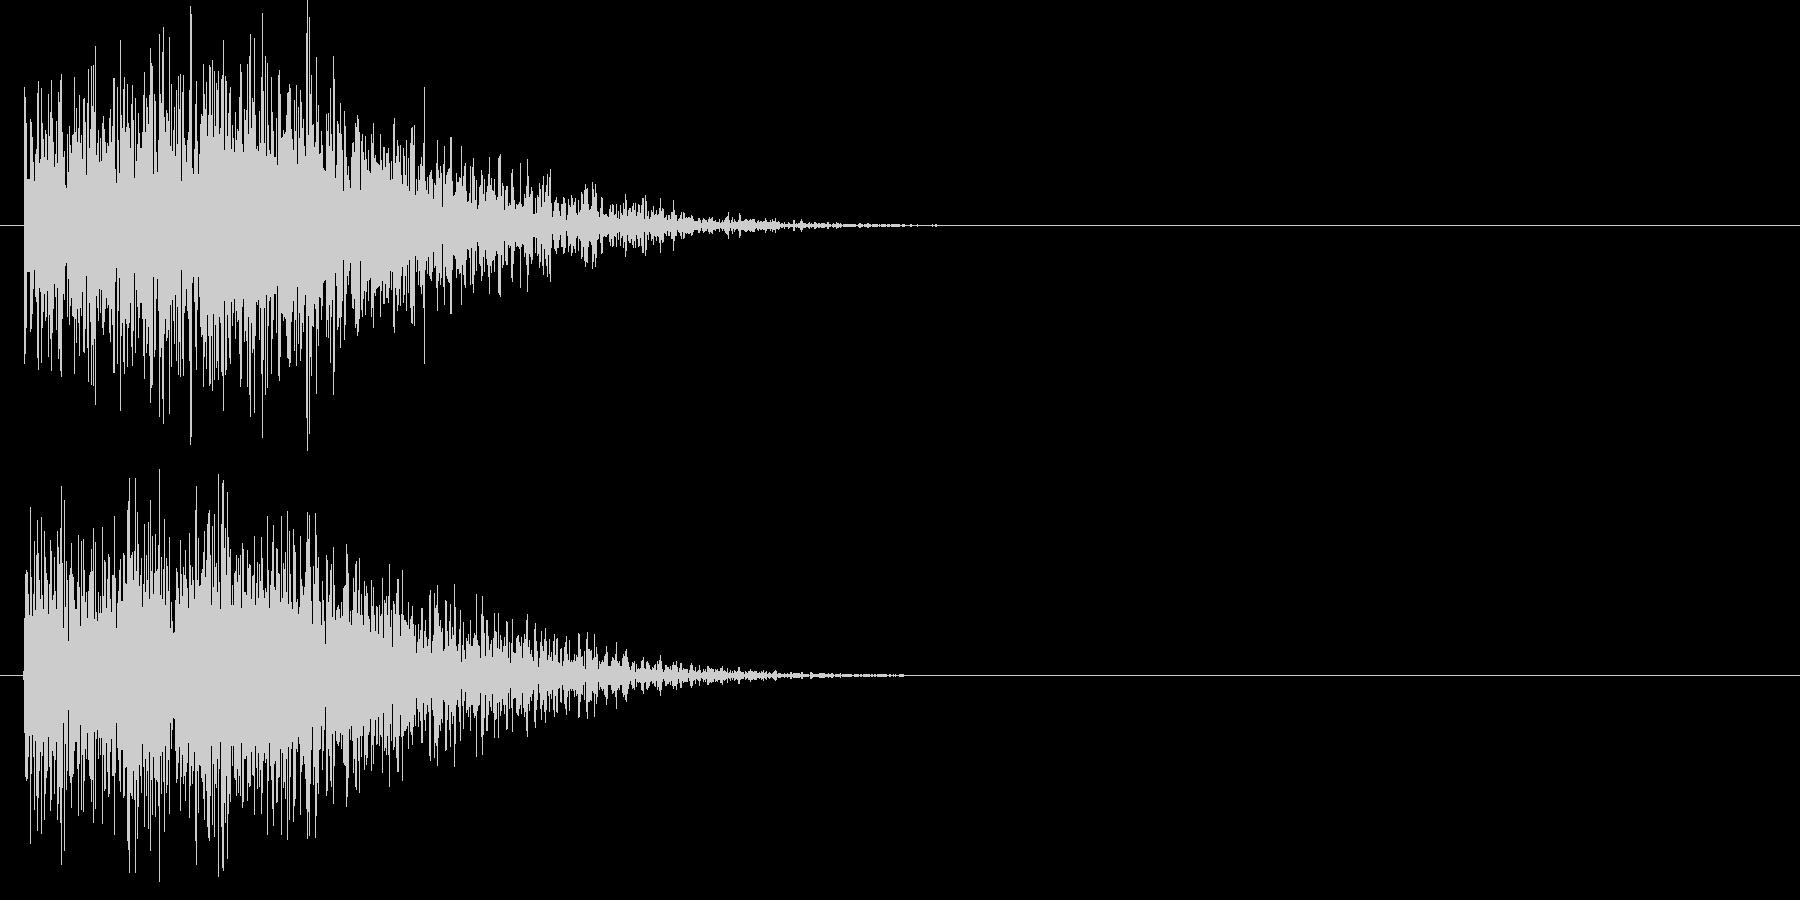 汎用 ヒット系03(中) 出題 フリップの未再生の波形